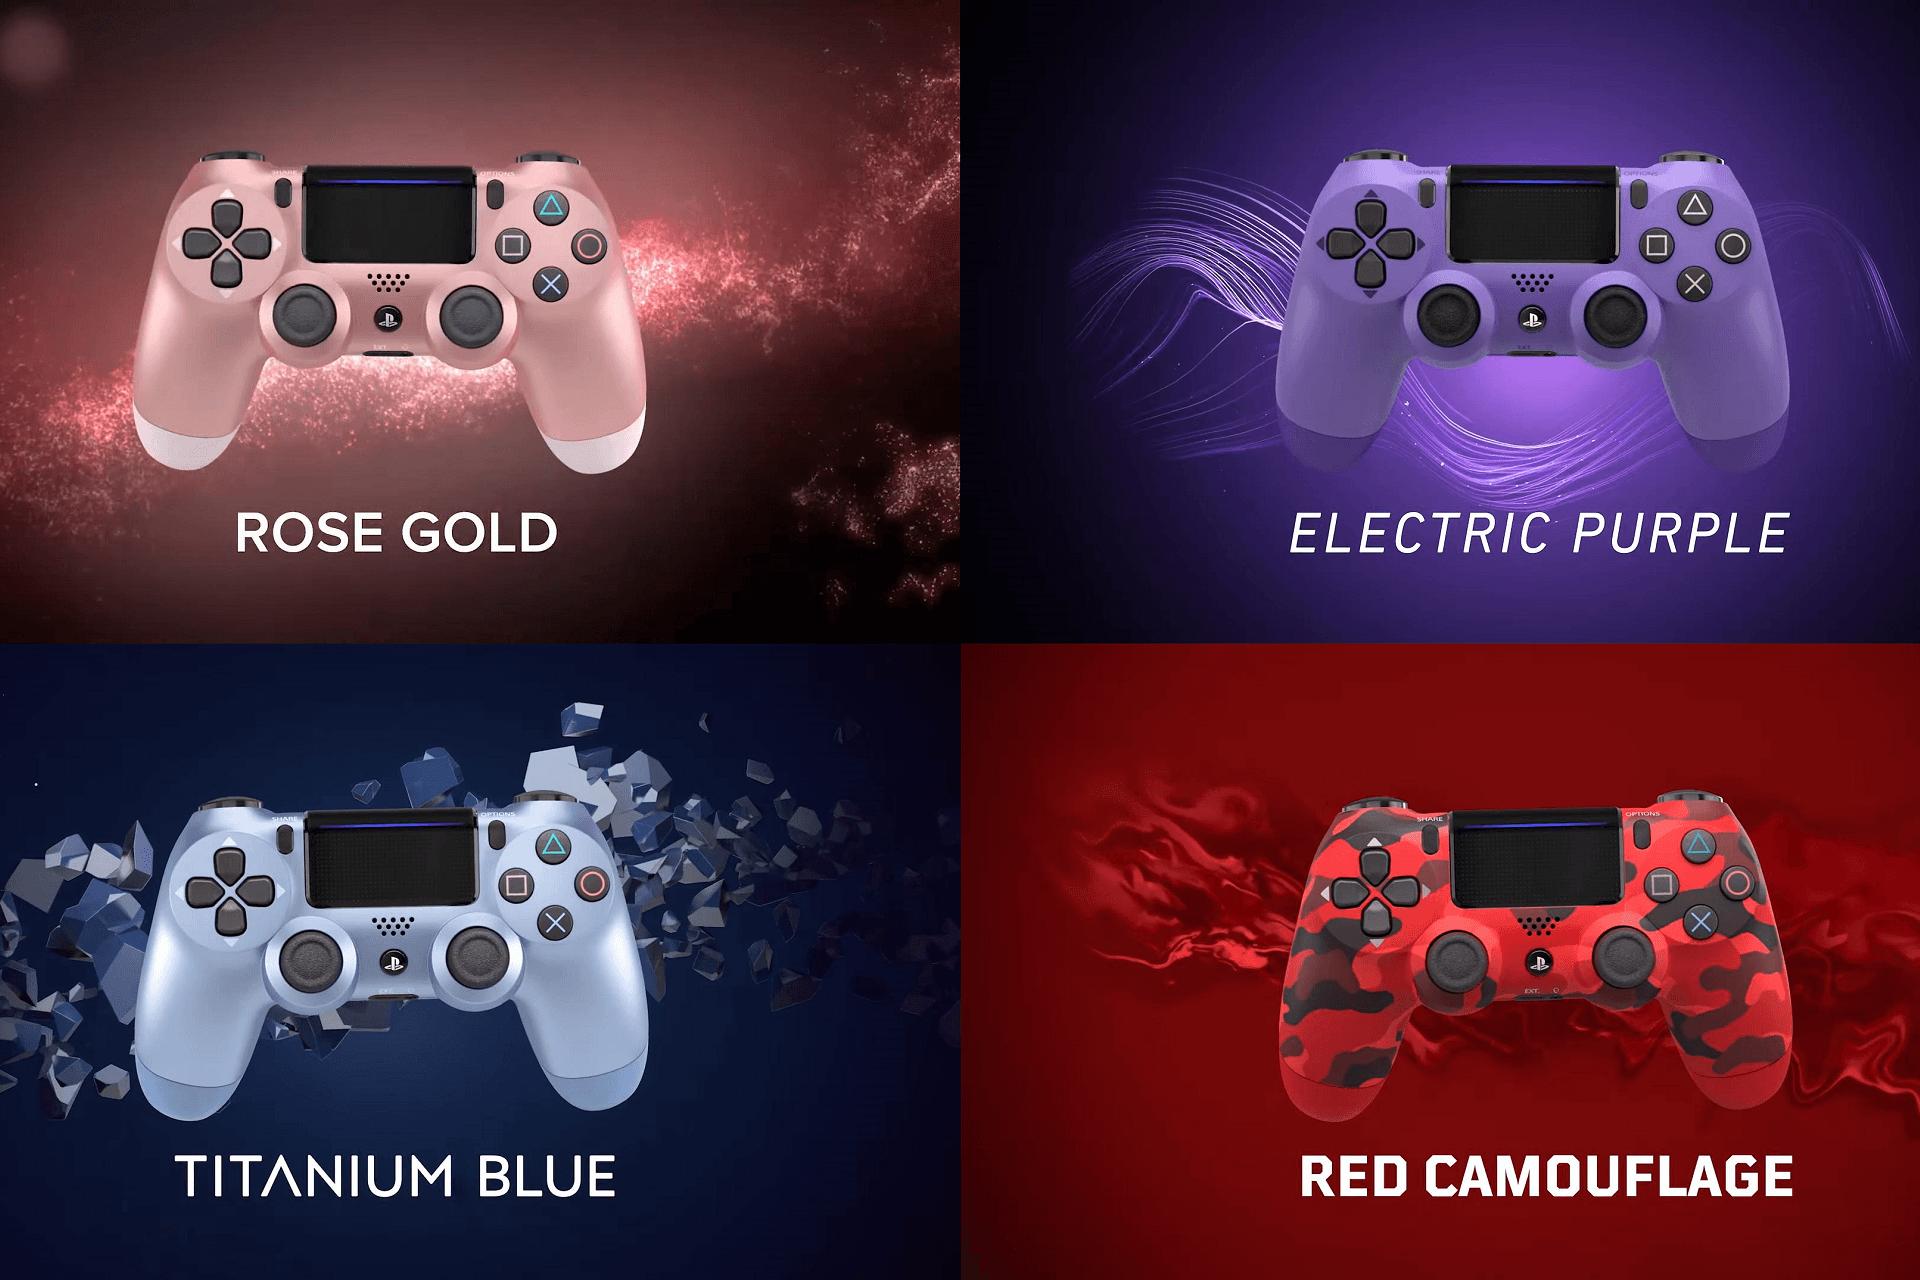 Nowe kolory padów DualShock - jak Wam się podobają? 18